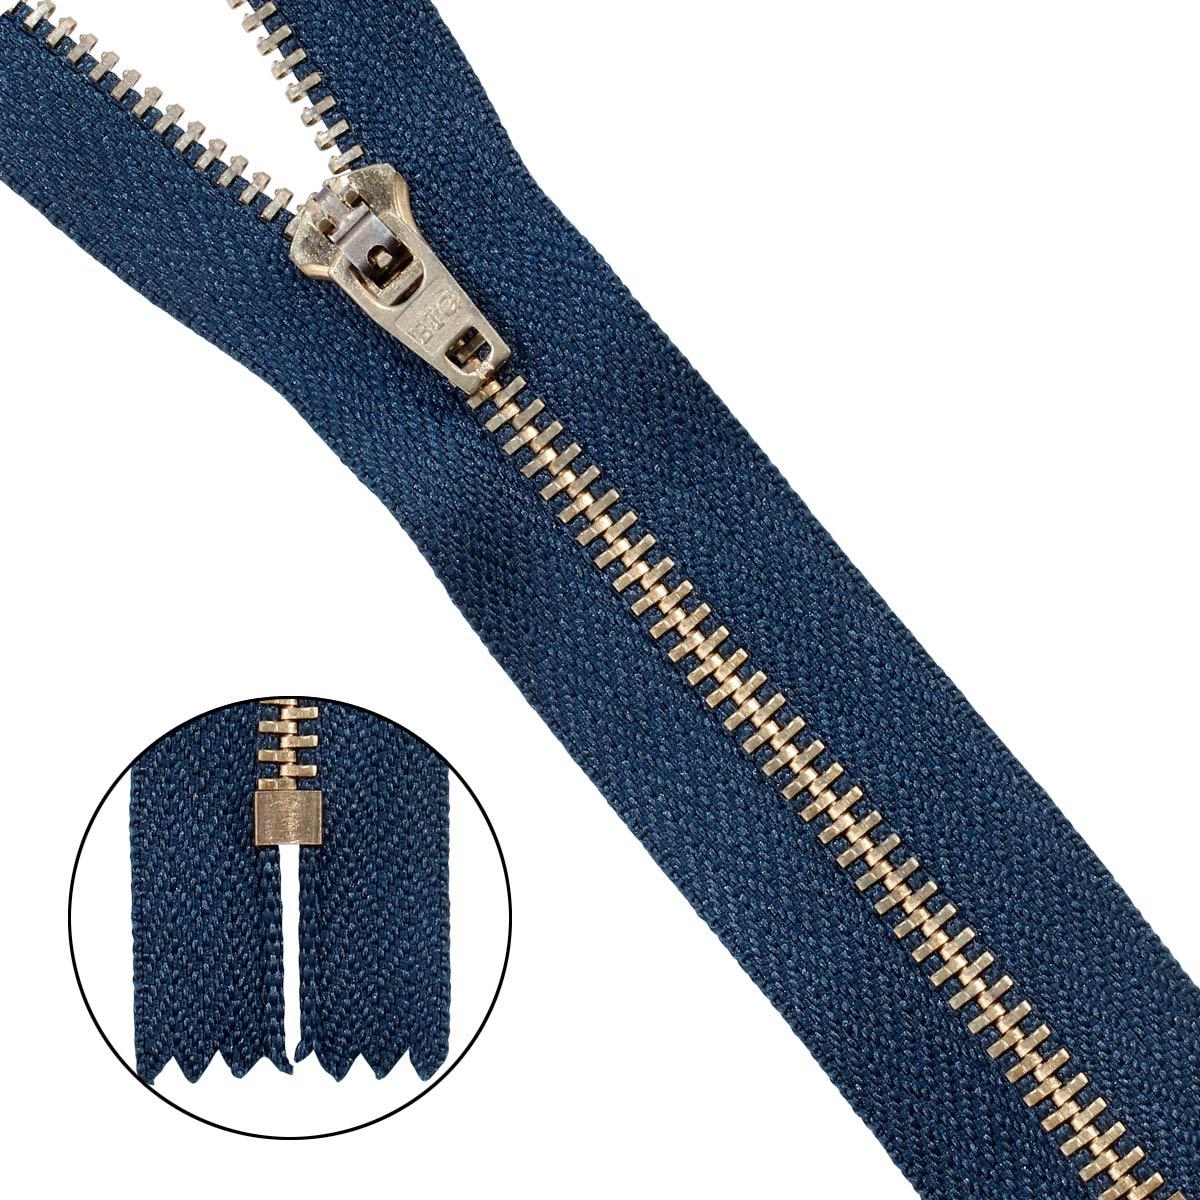 39061/14-3 Молния джинсовая 14 см. син.